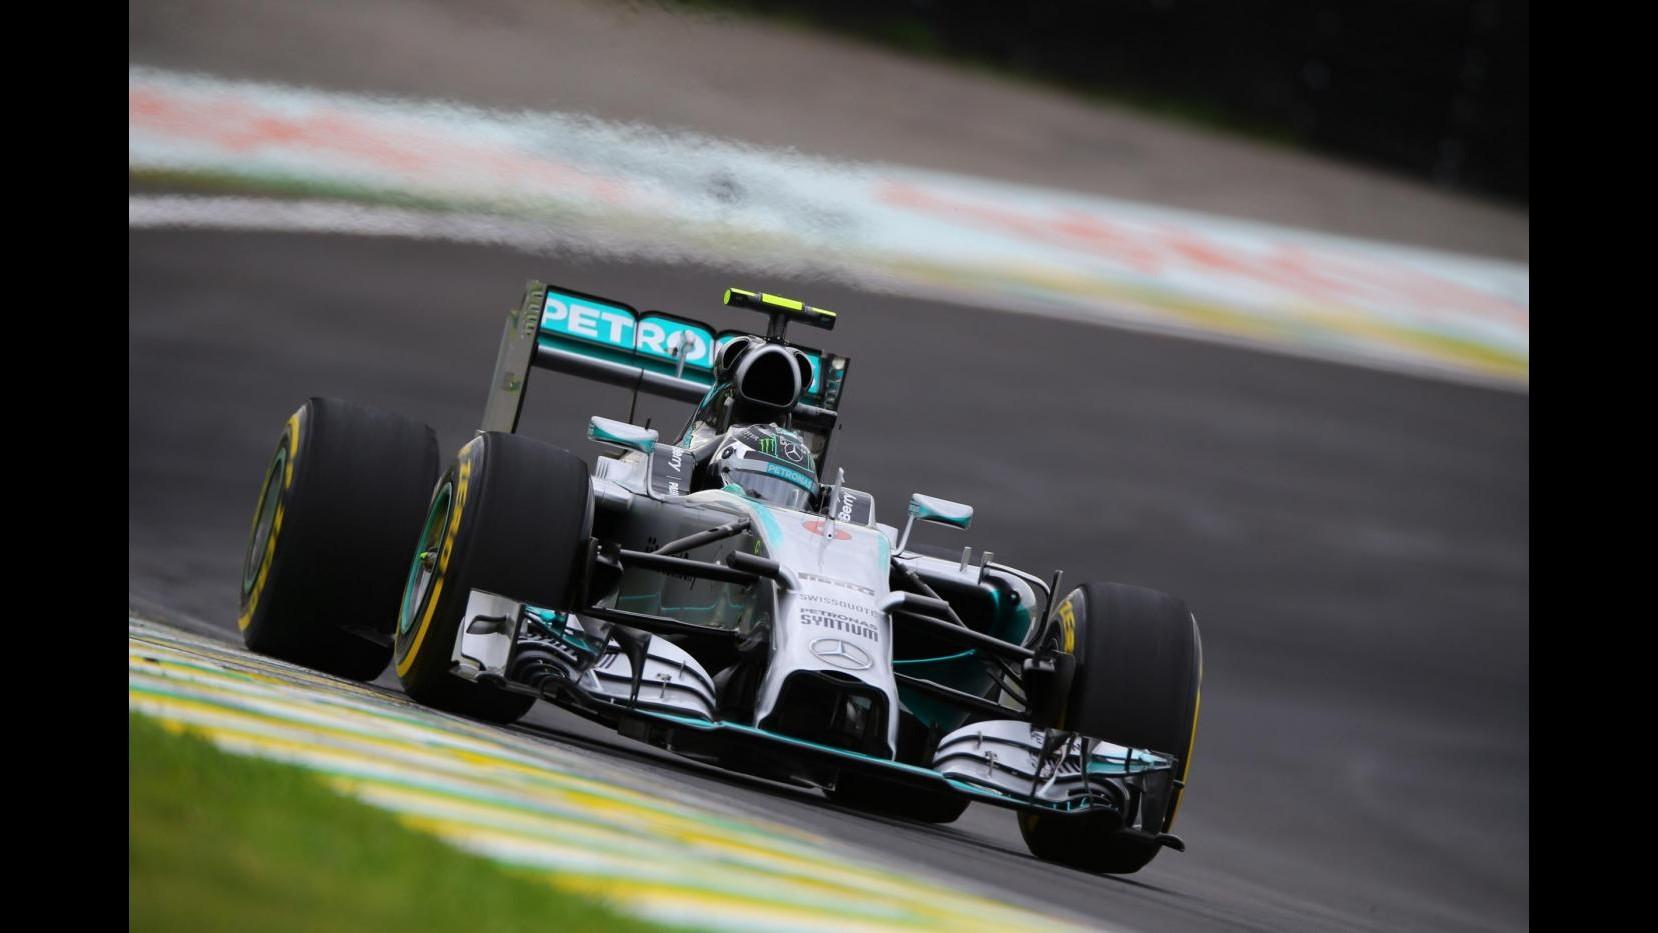 F1, Gp Brasile: Rosberg non molla, pole davanti a Hamilton e Massa. Alonso 8°